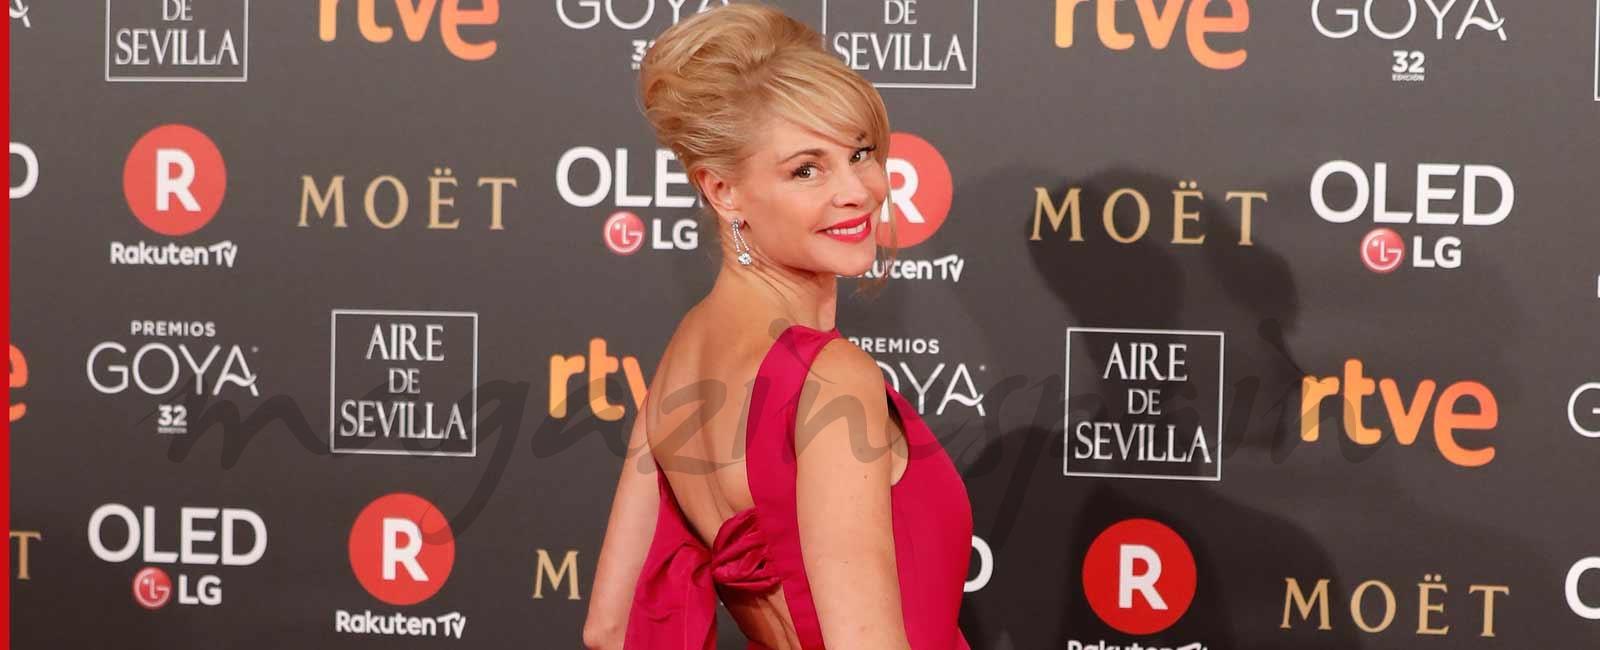 Premios Goya 2018: Los 5 mejores peinados